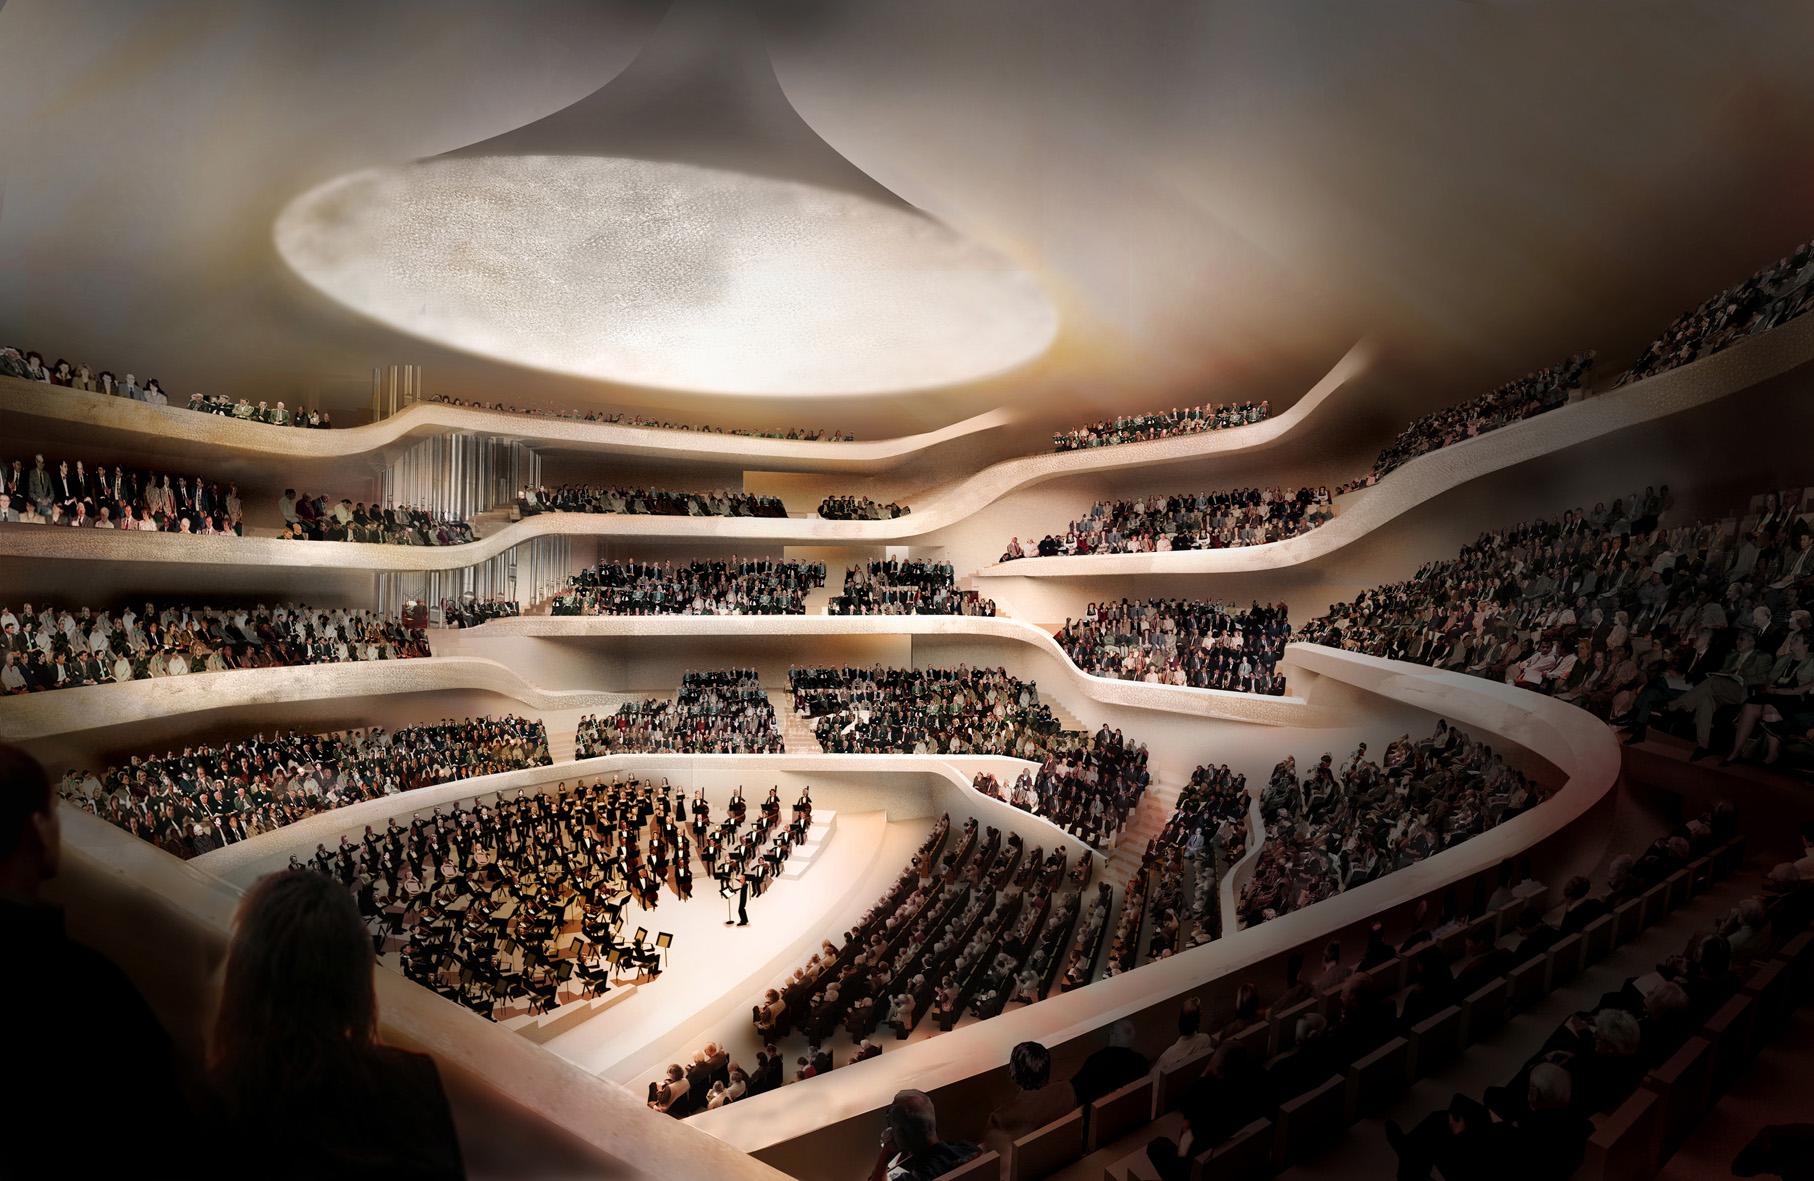 Spektakulär: Der grosse Saal der Elbphilharmonie